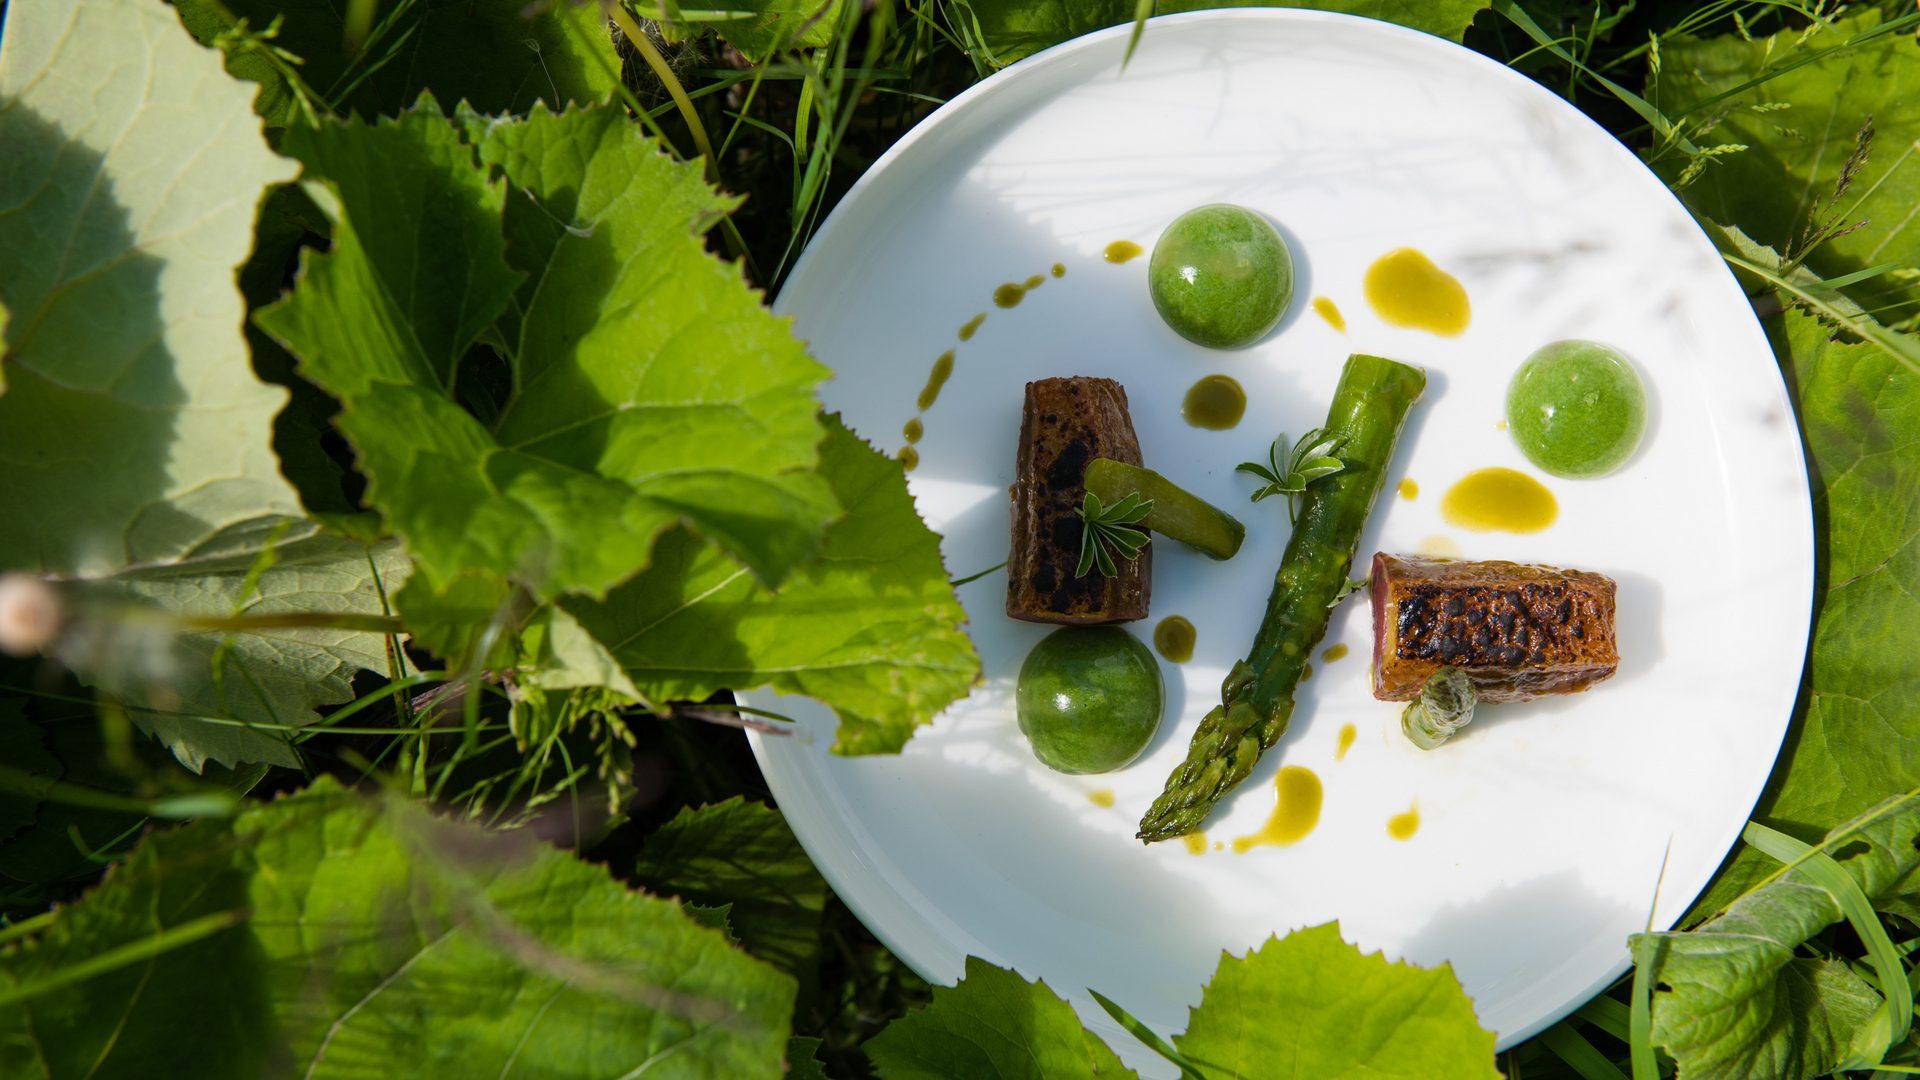 La Canette, Asperges vertes glacées au sel Matcha, Perle épinard saké, Eponge d'ortie